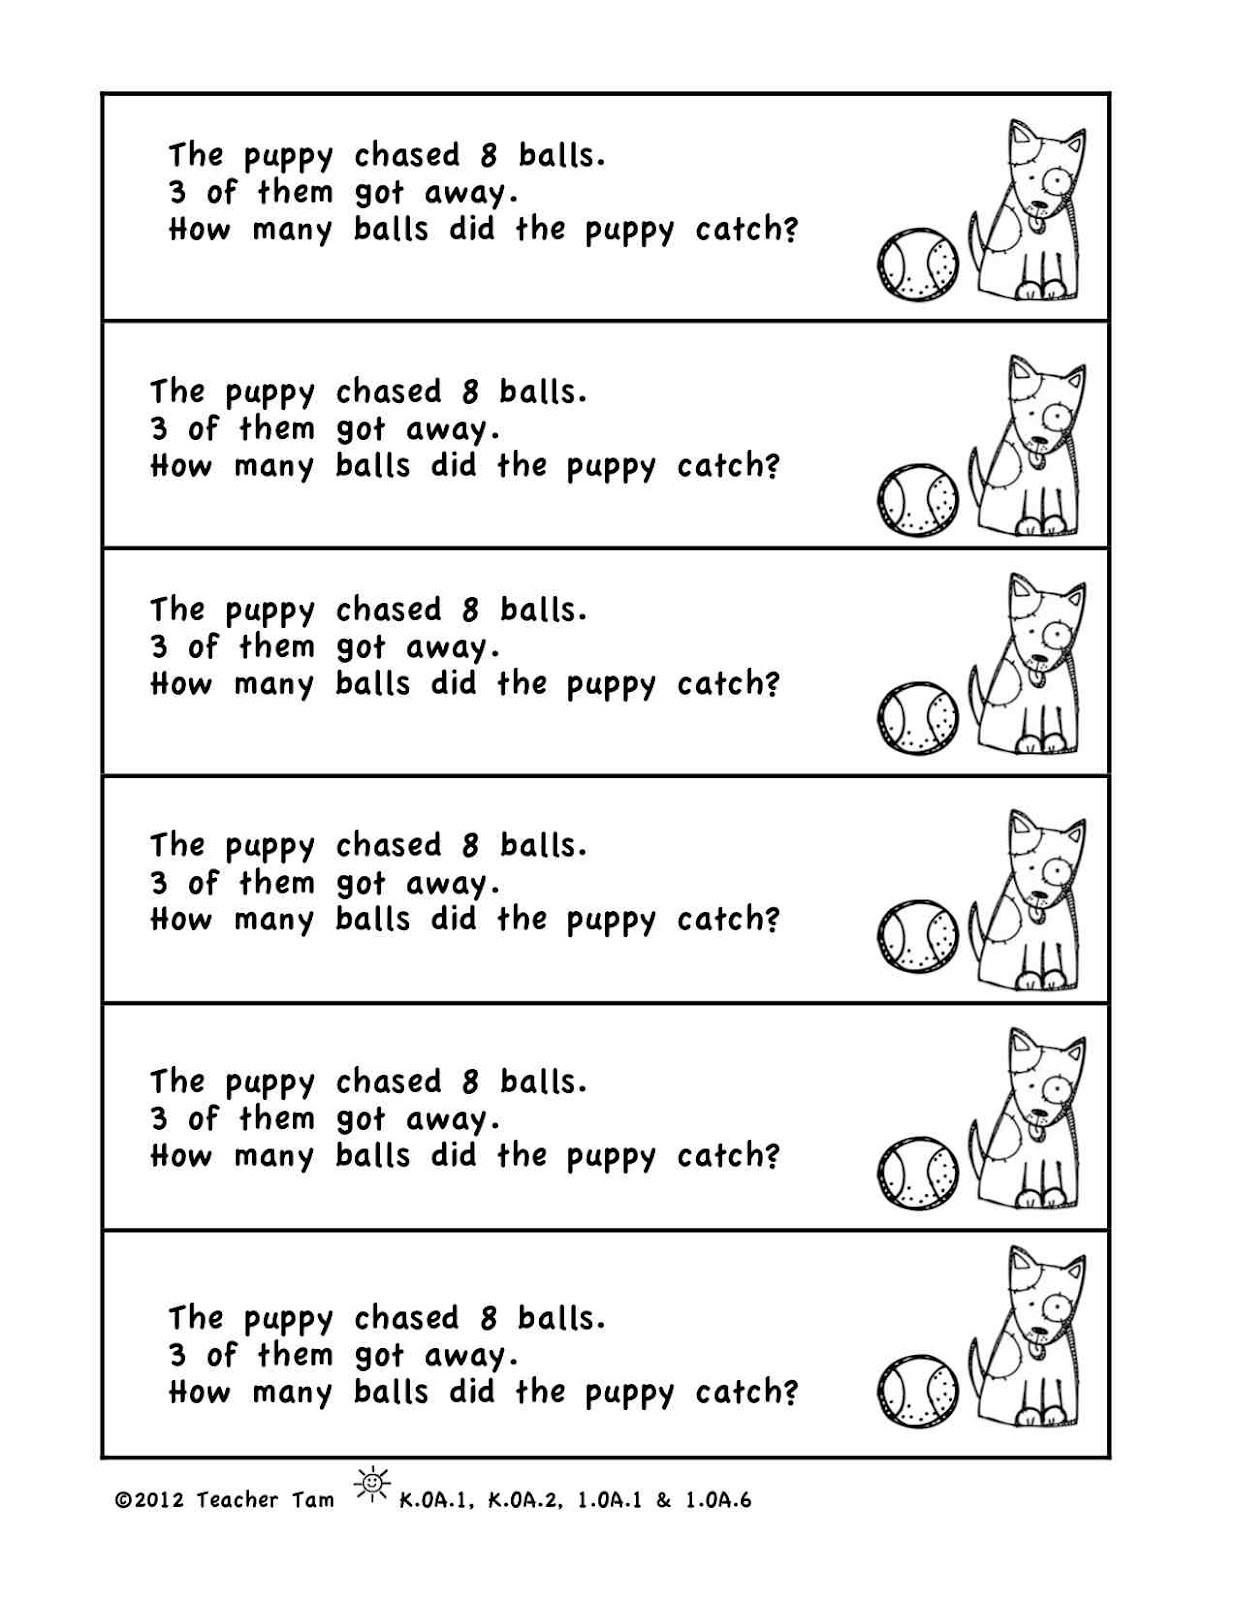 Social Studies Worksheets 2nd Grade Worksheet Daycare Games for toddlers social Stu S